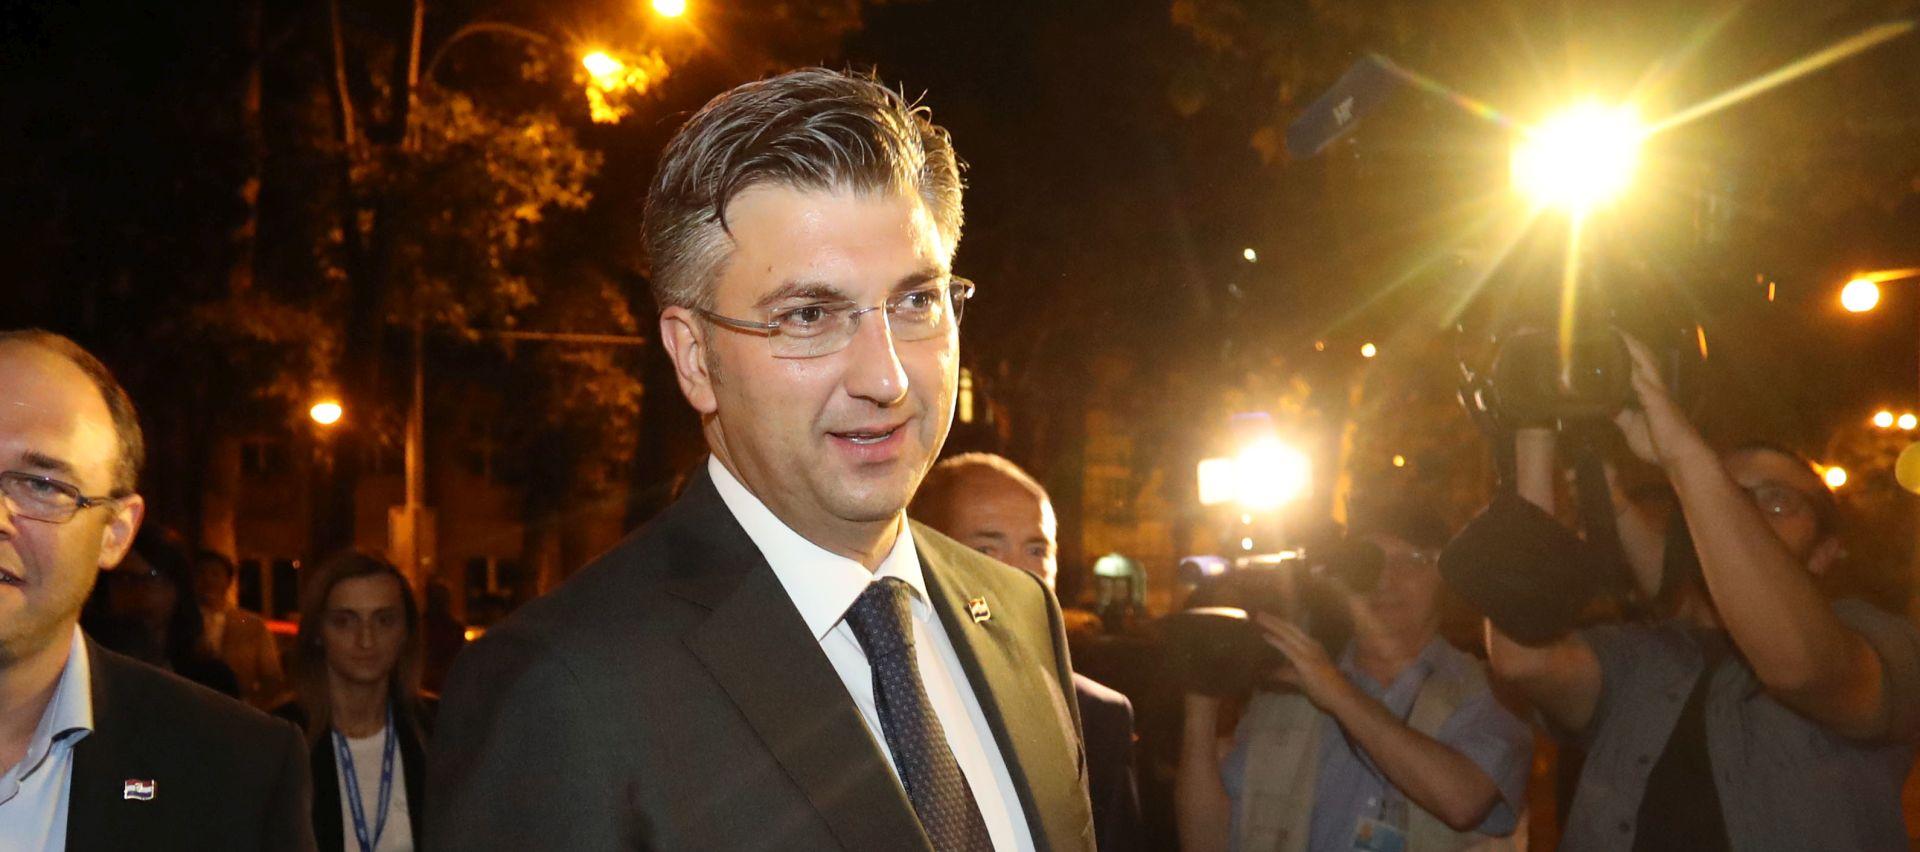 JEDINI KANDIDAT Plenković dobio čak pet tisuća glasova više nego Karamarko prije tri mjeseca